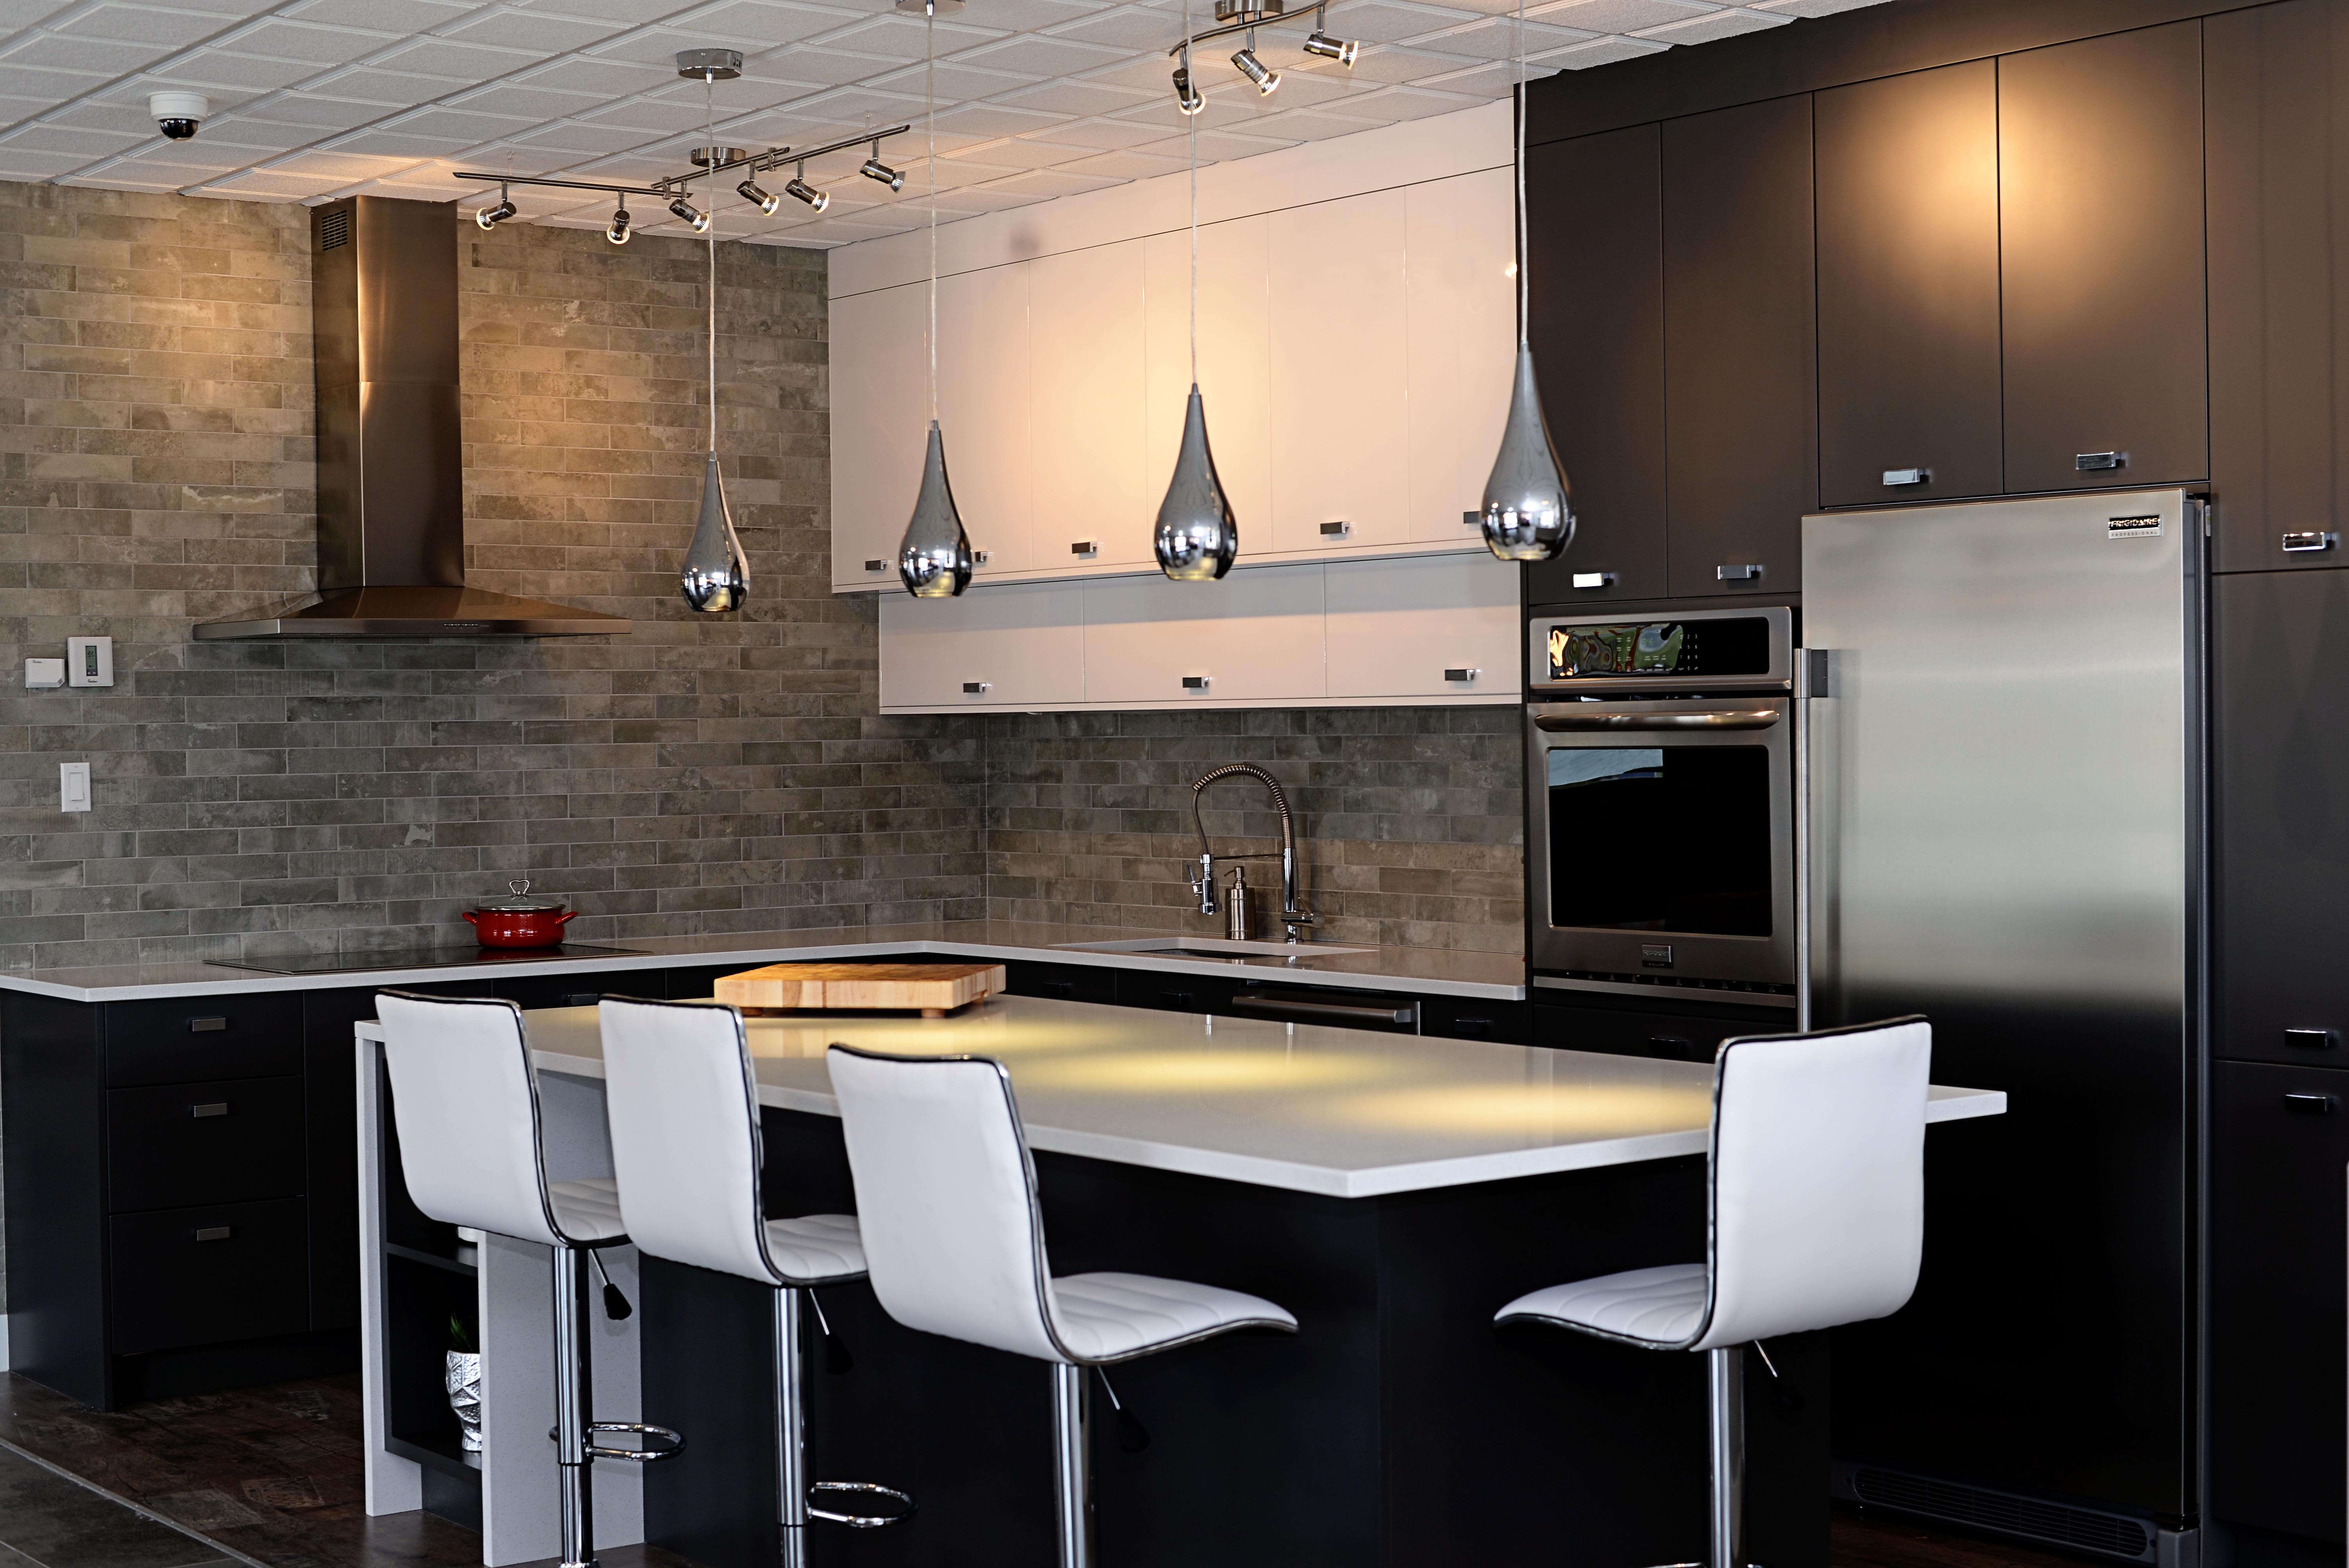 Alliance cuisine modulaire ouvre dans le secteur rock for Tous les cuisinistes